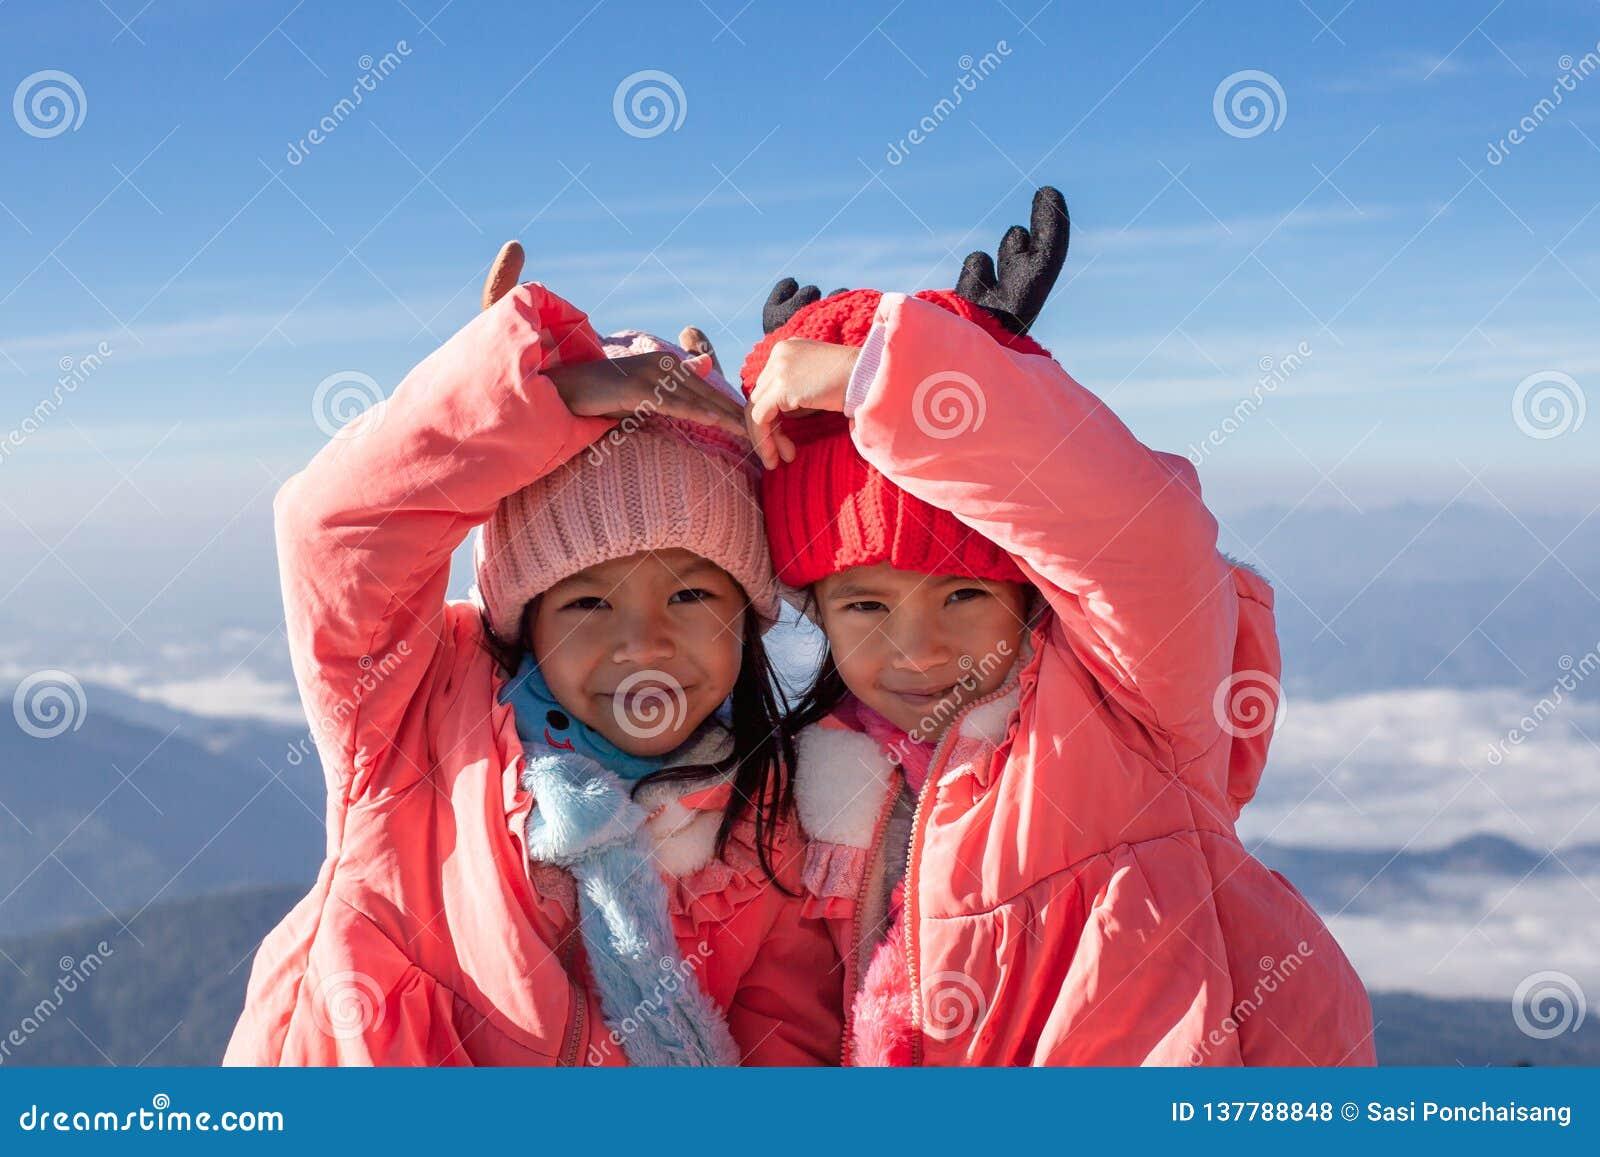 Zwei asiatische Kindermädchen, welche die Strickjacke und warmen Hut machen Herz zusammen mit Liebe am schönen Nebel und am Berg